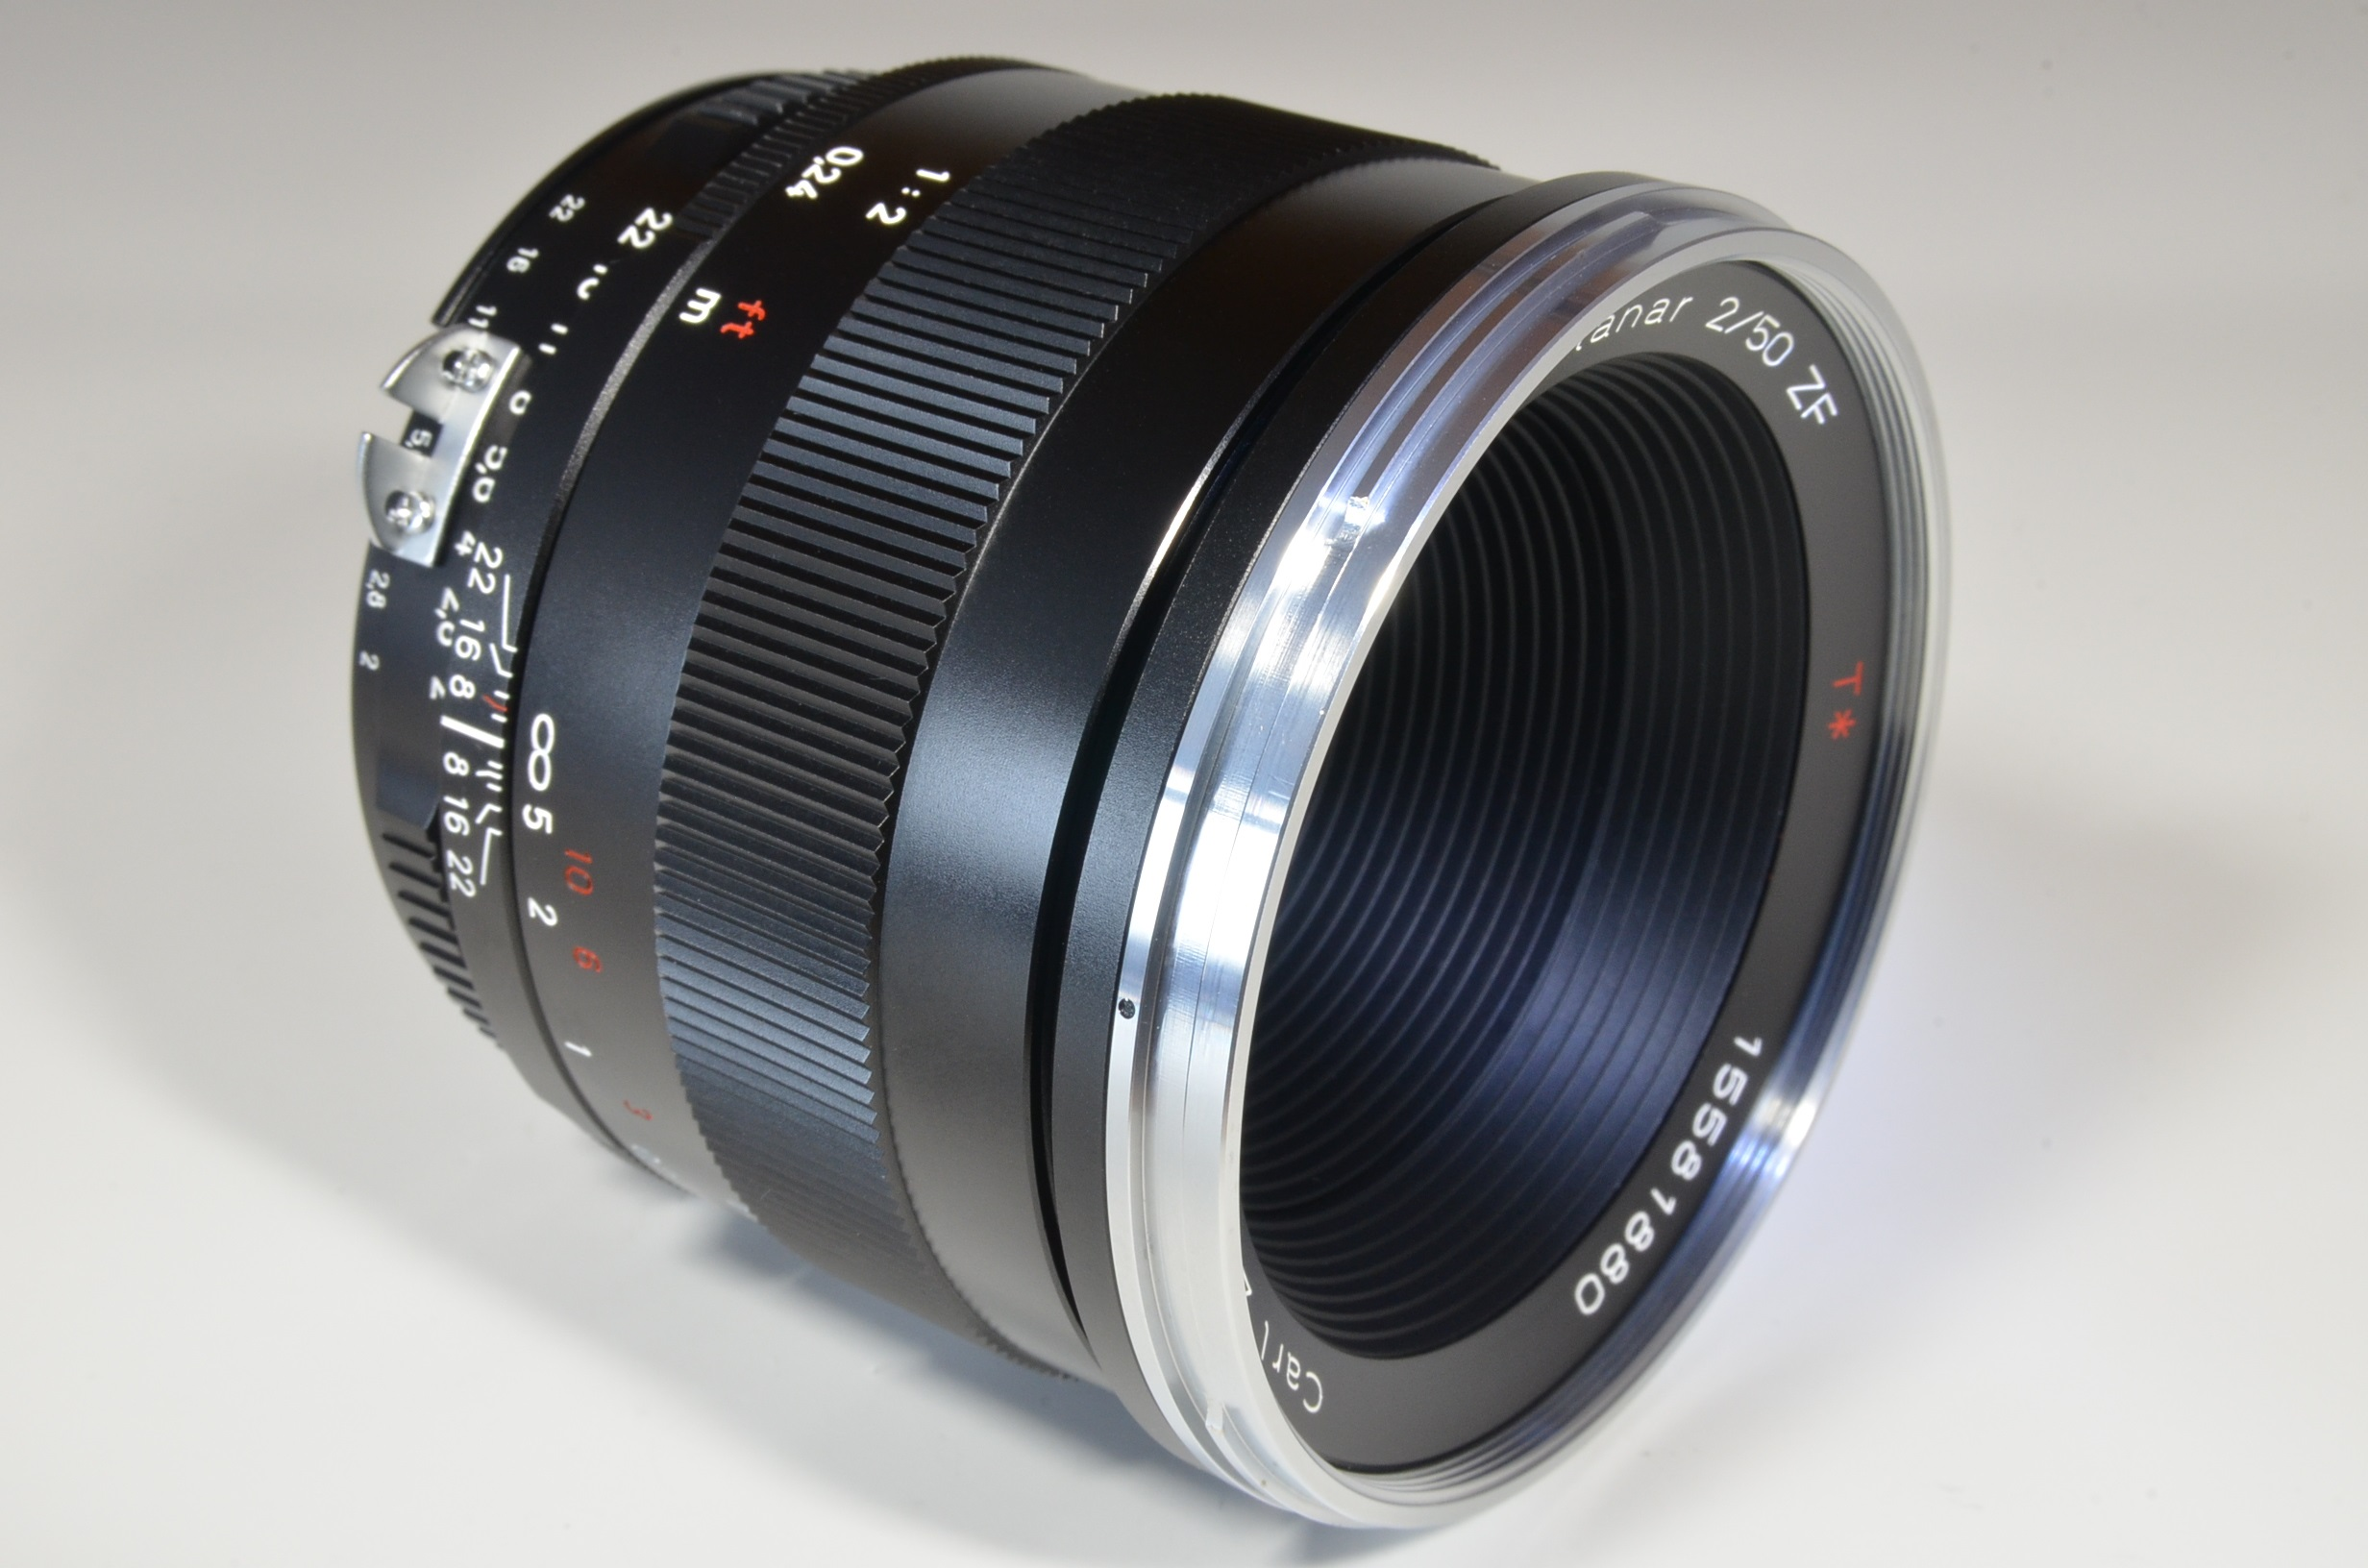 carl zeiss makro planar t* 50mm f2.8 zf for nikon